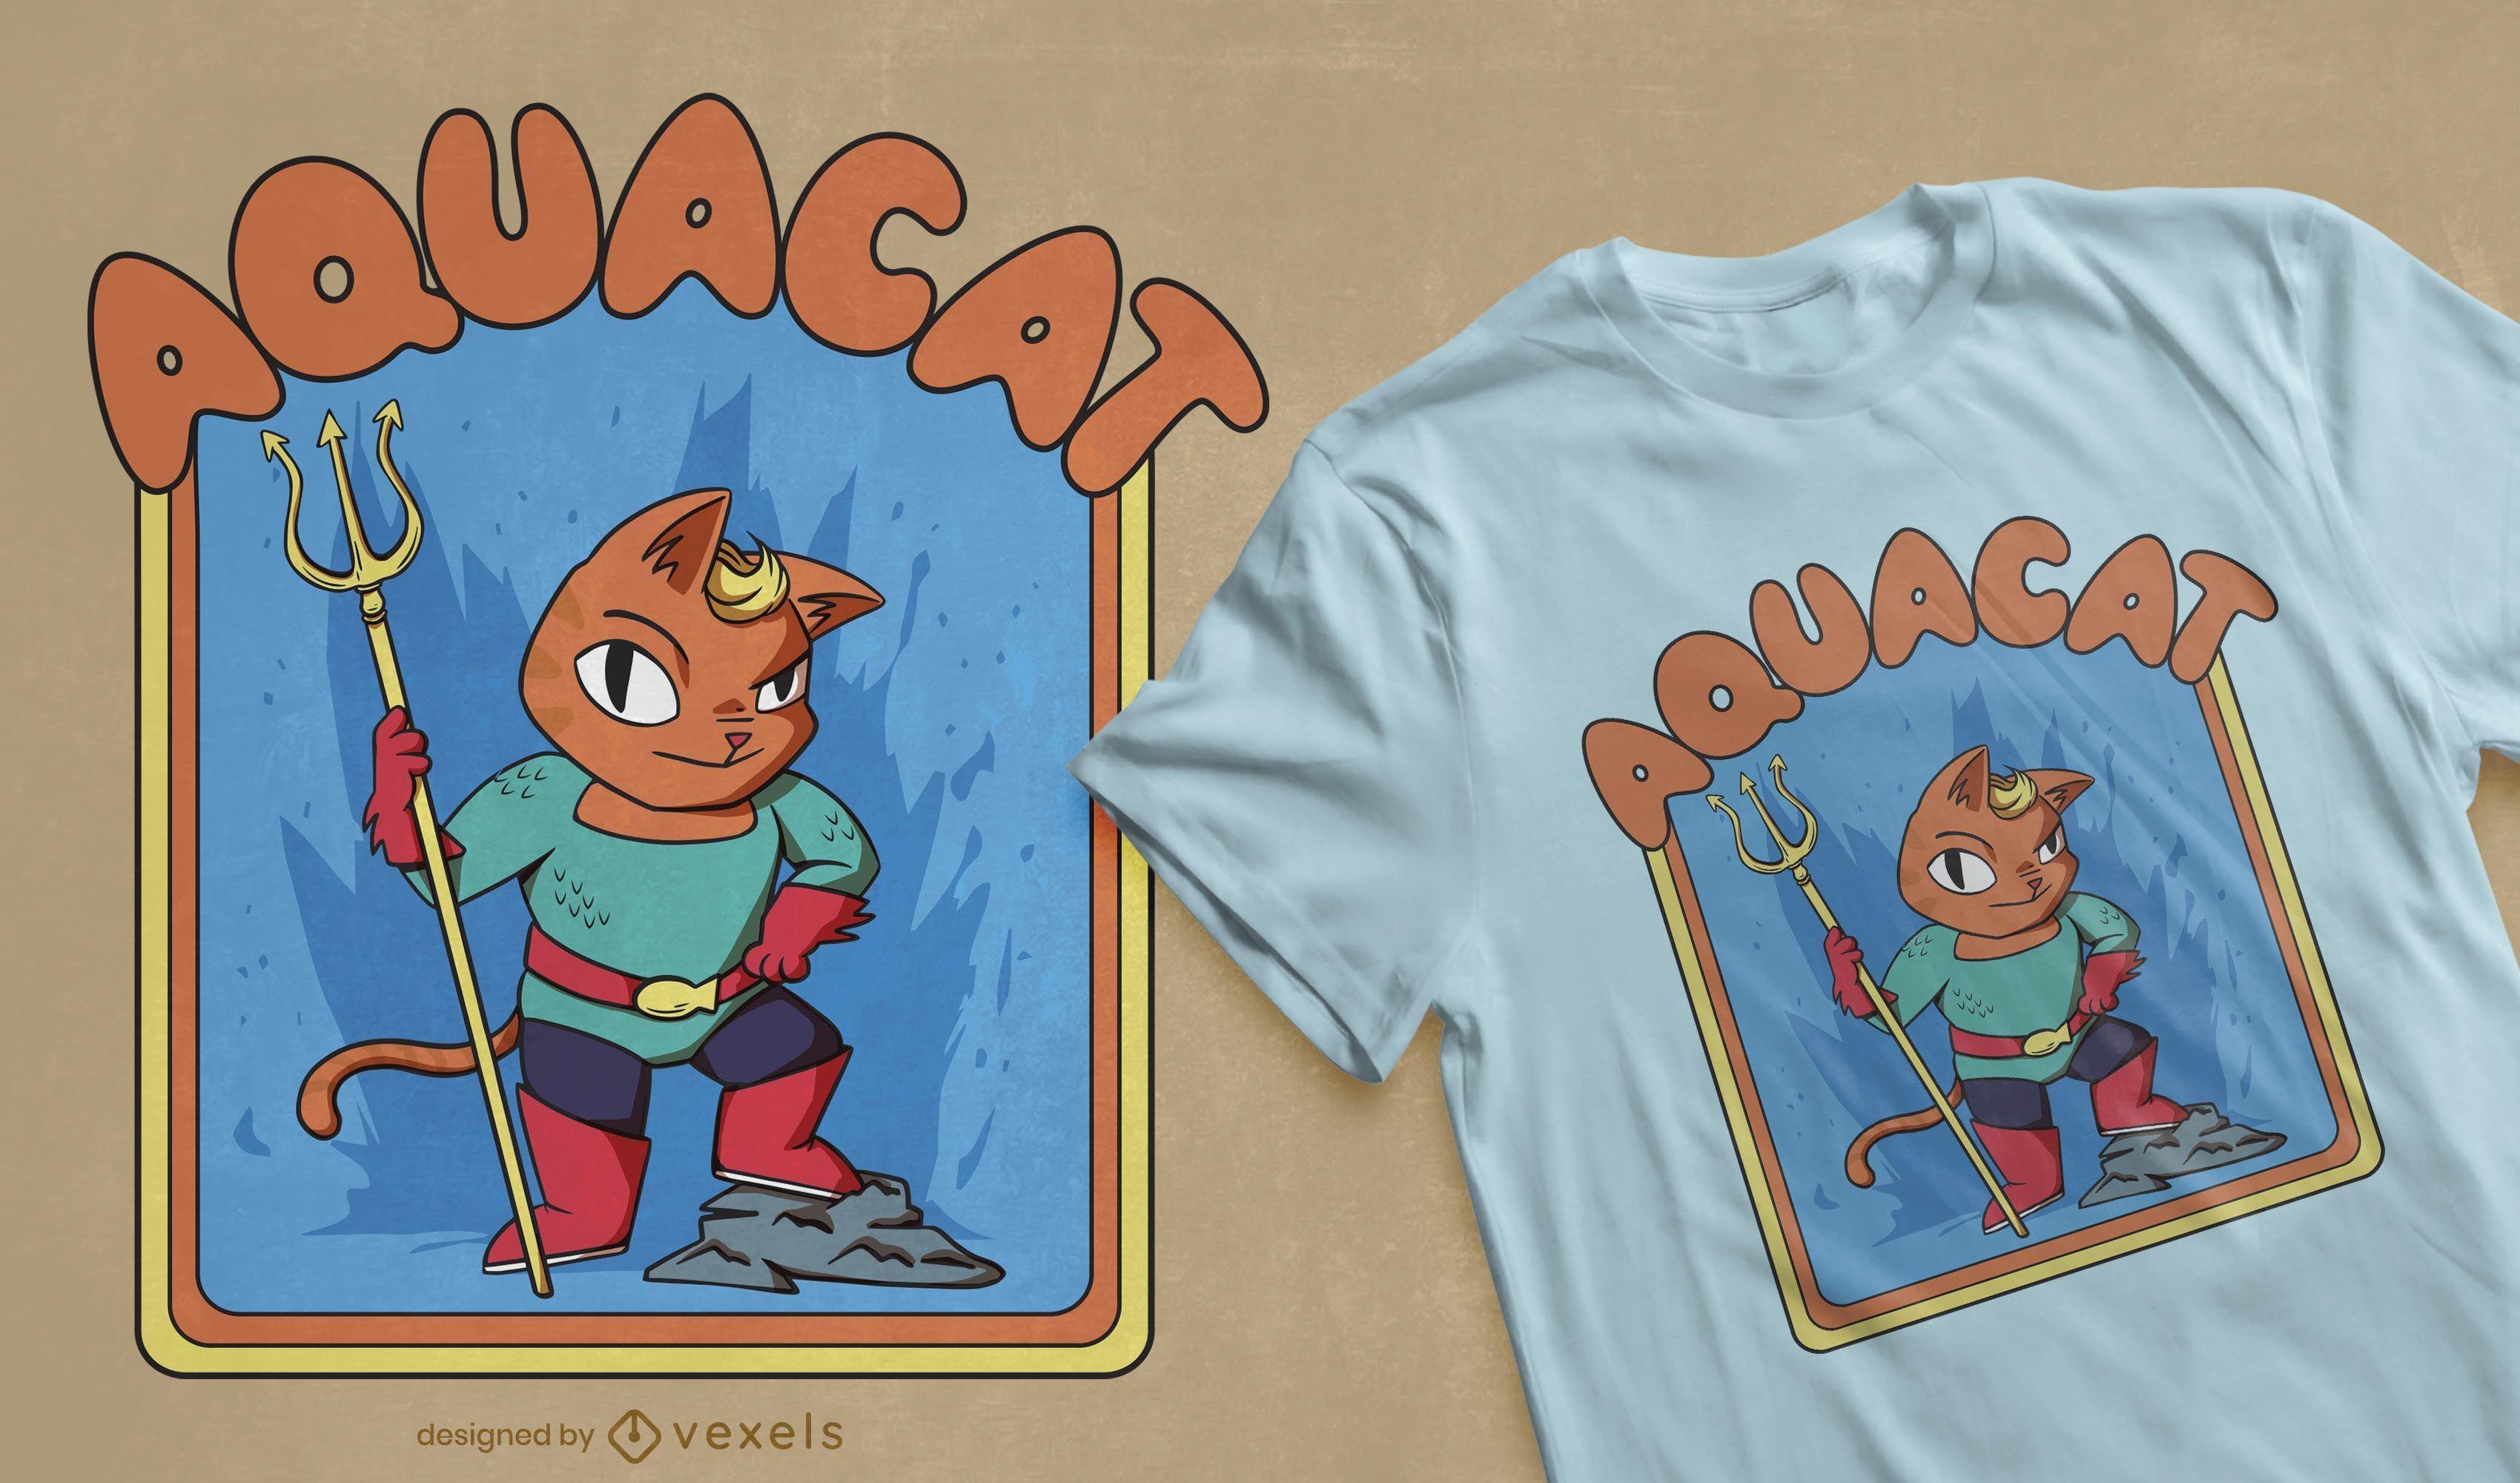 Aquacat t-shirt design